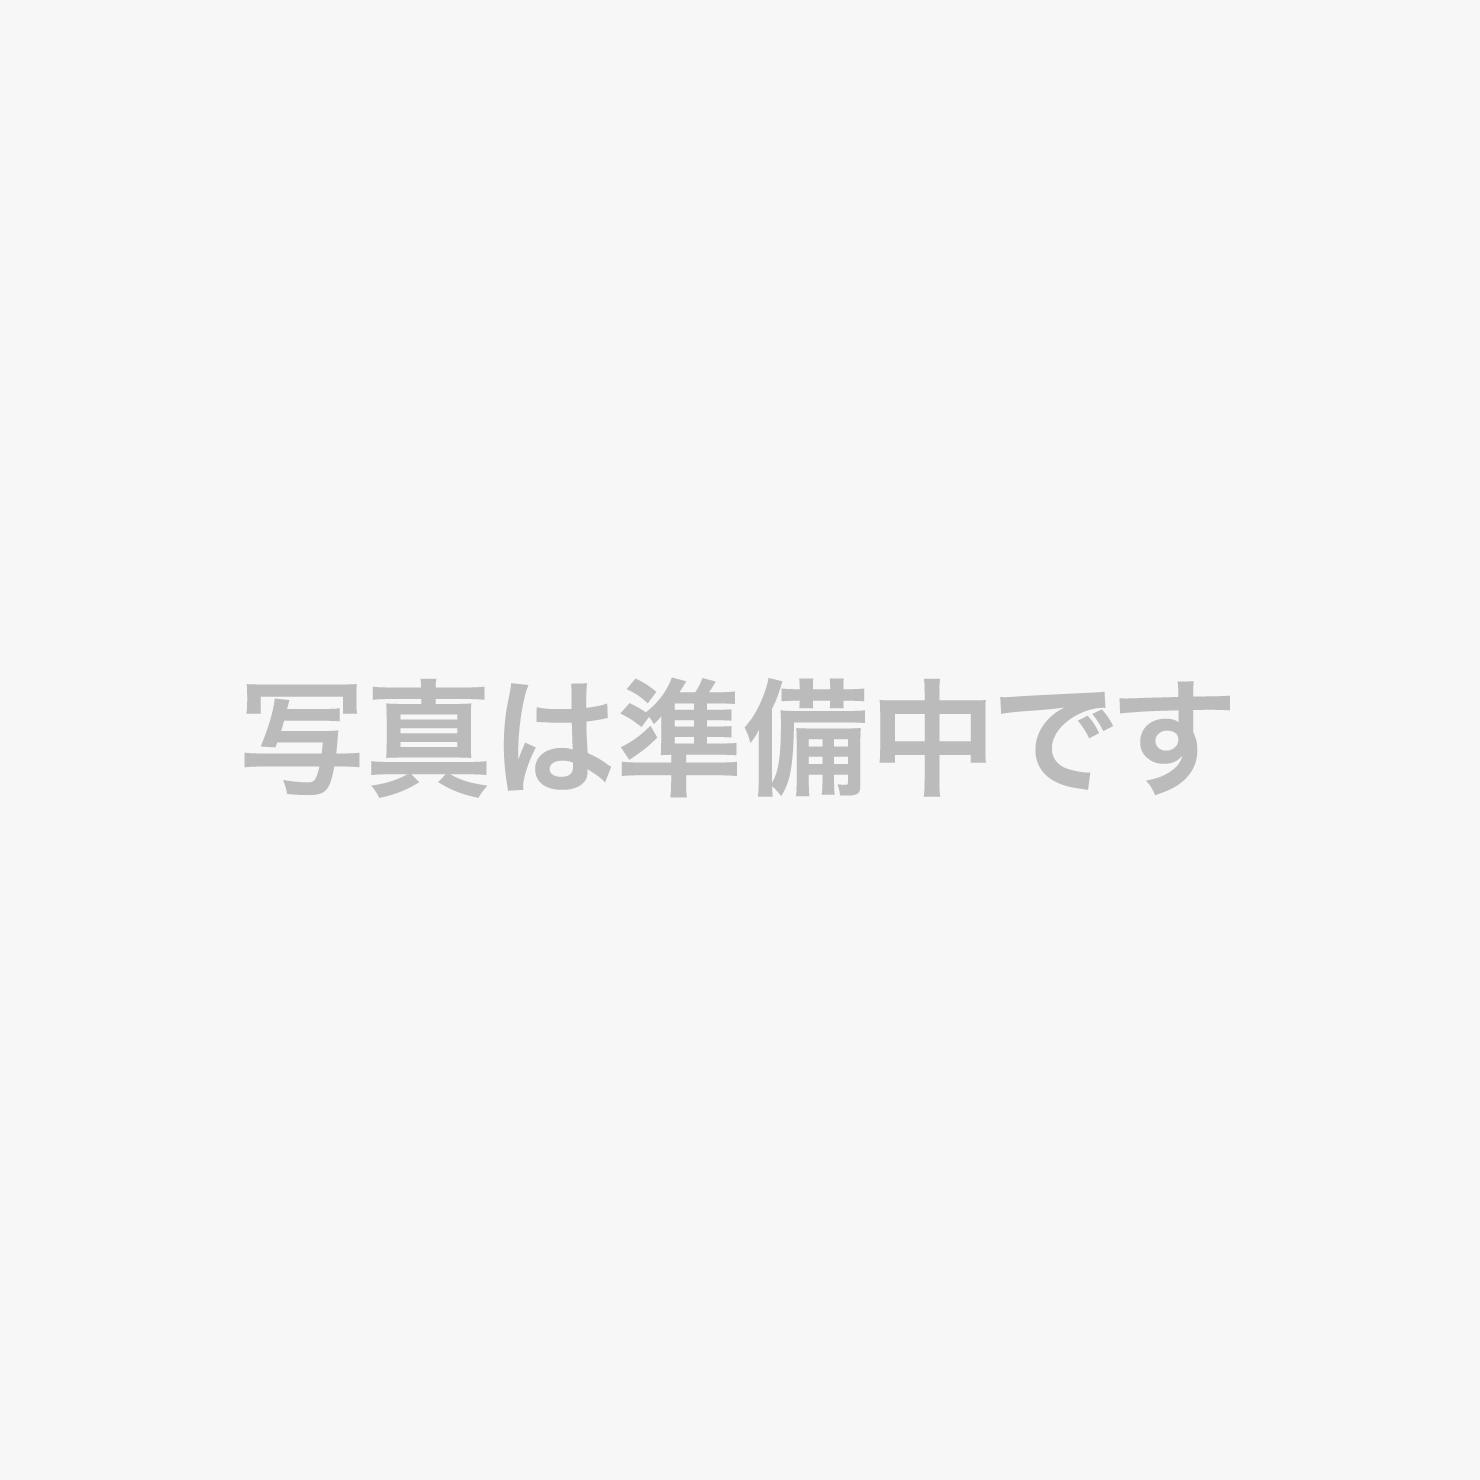 【朝食会場】朝6:30~9:30LO